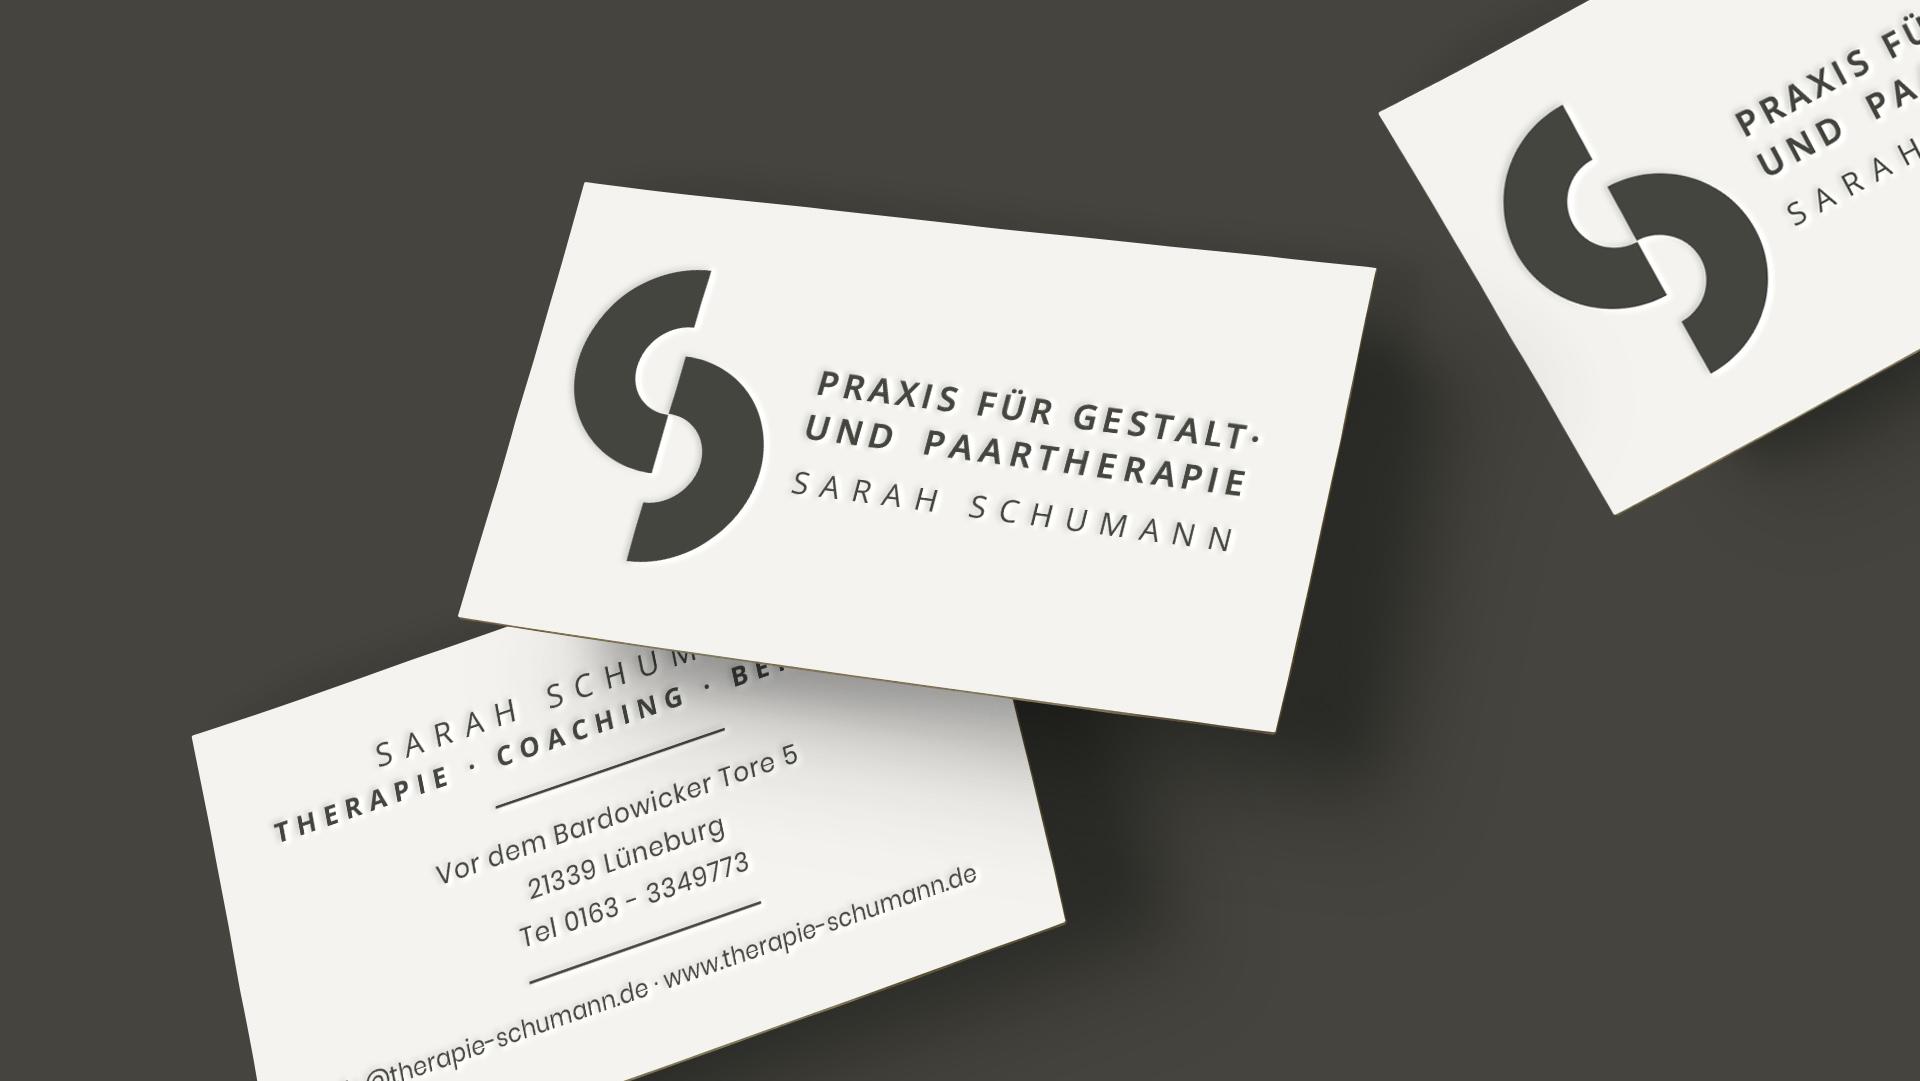 Vorder- und Rücseite der Visitenkarten Therapie Sarah Schumann